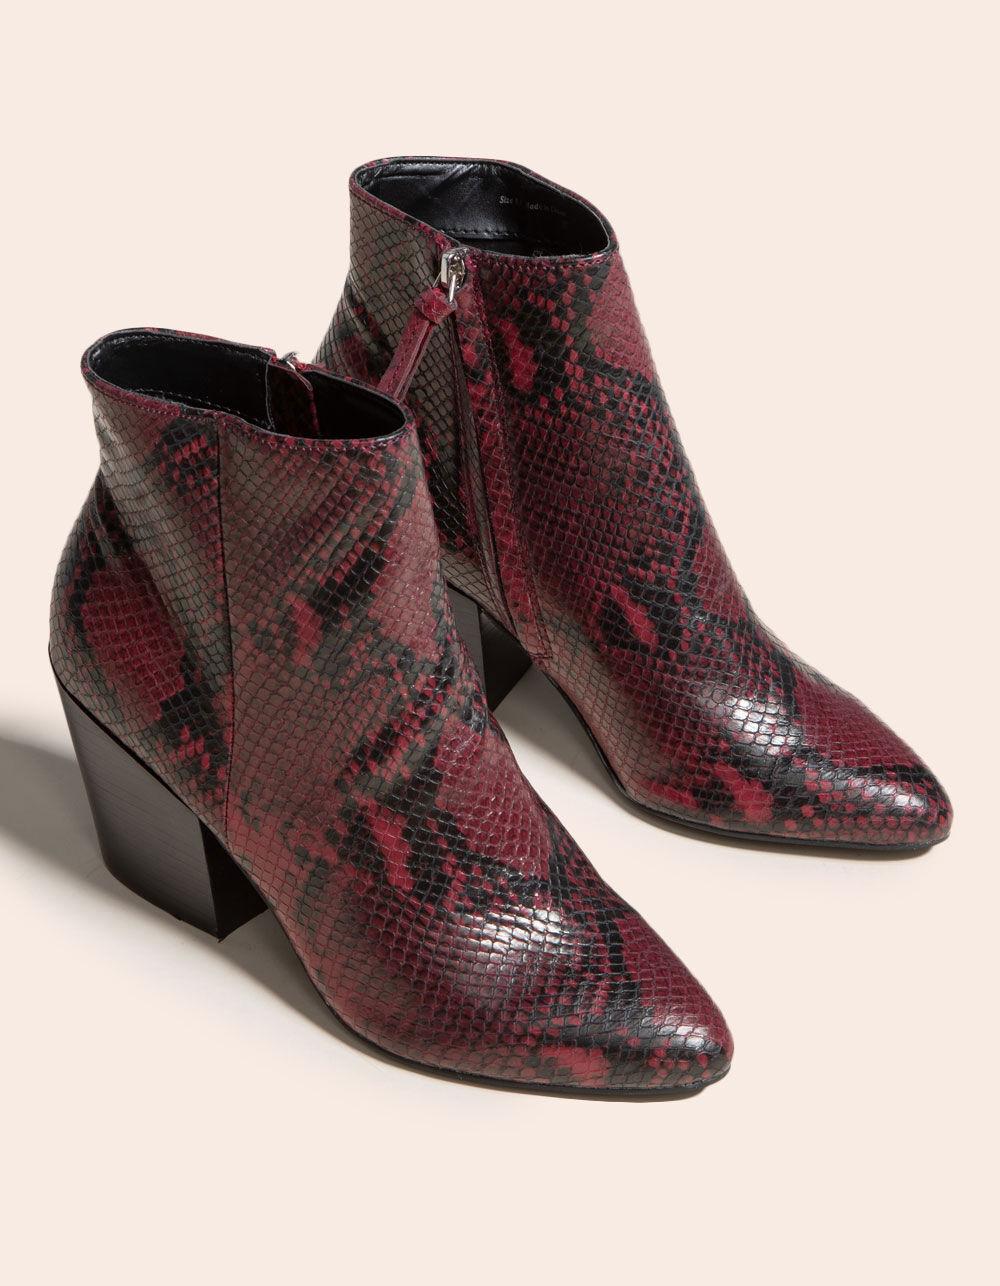 DOLCE VITA Perilla Snake Block Heel Red Booties